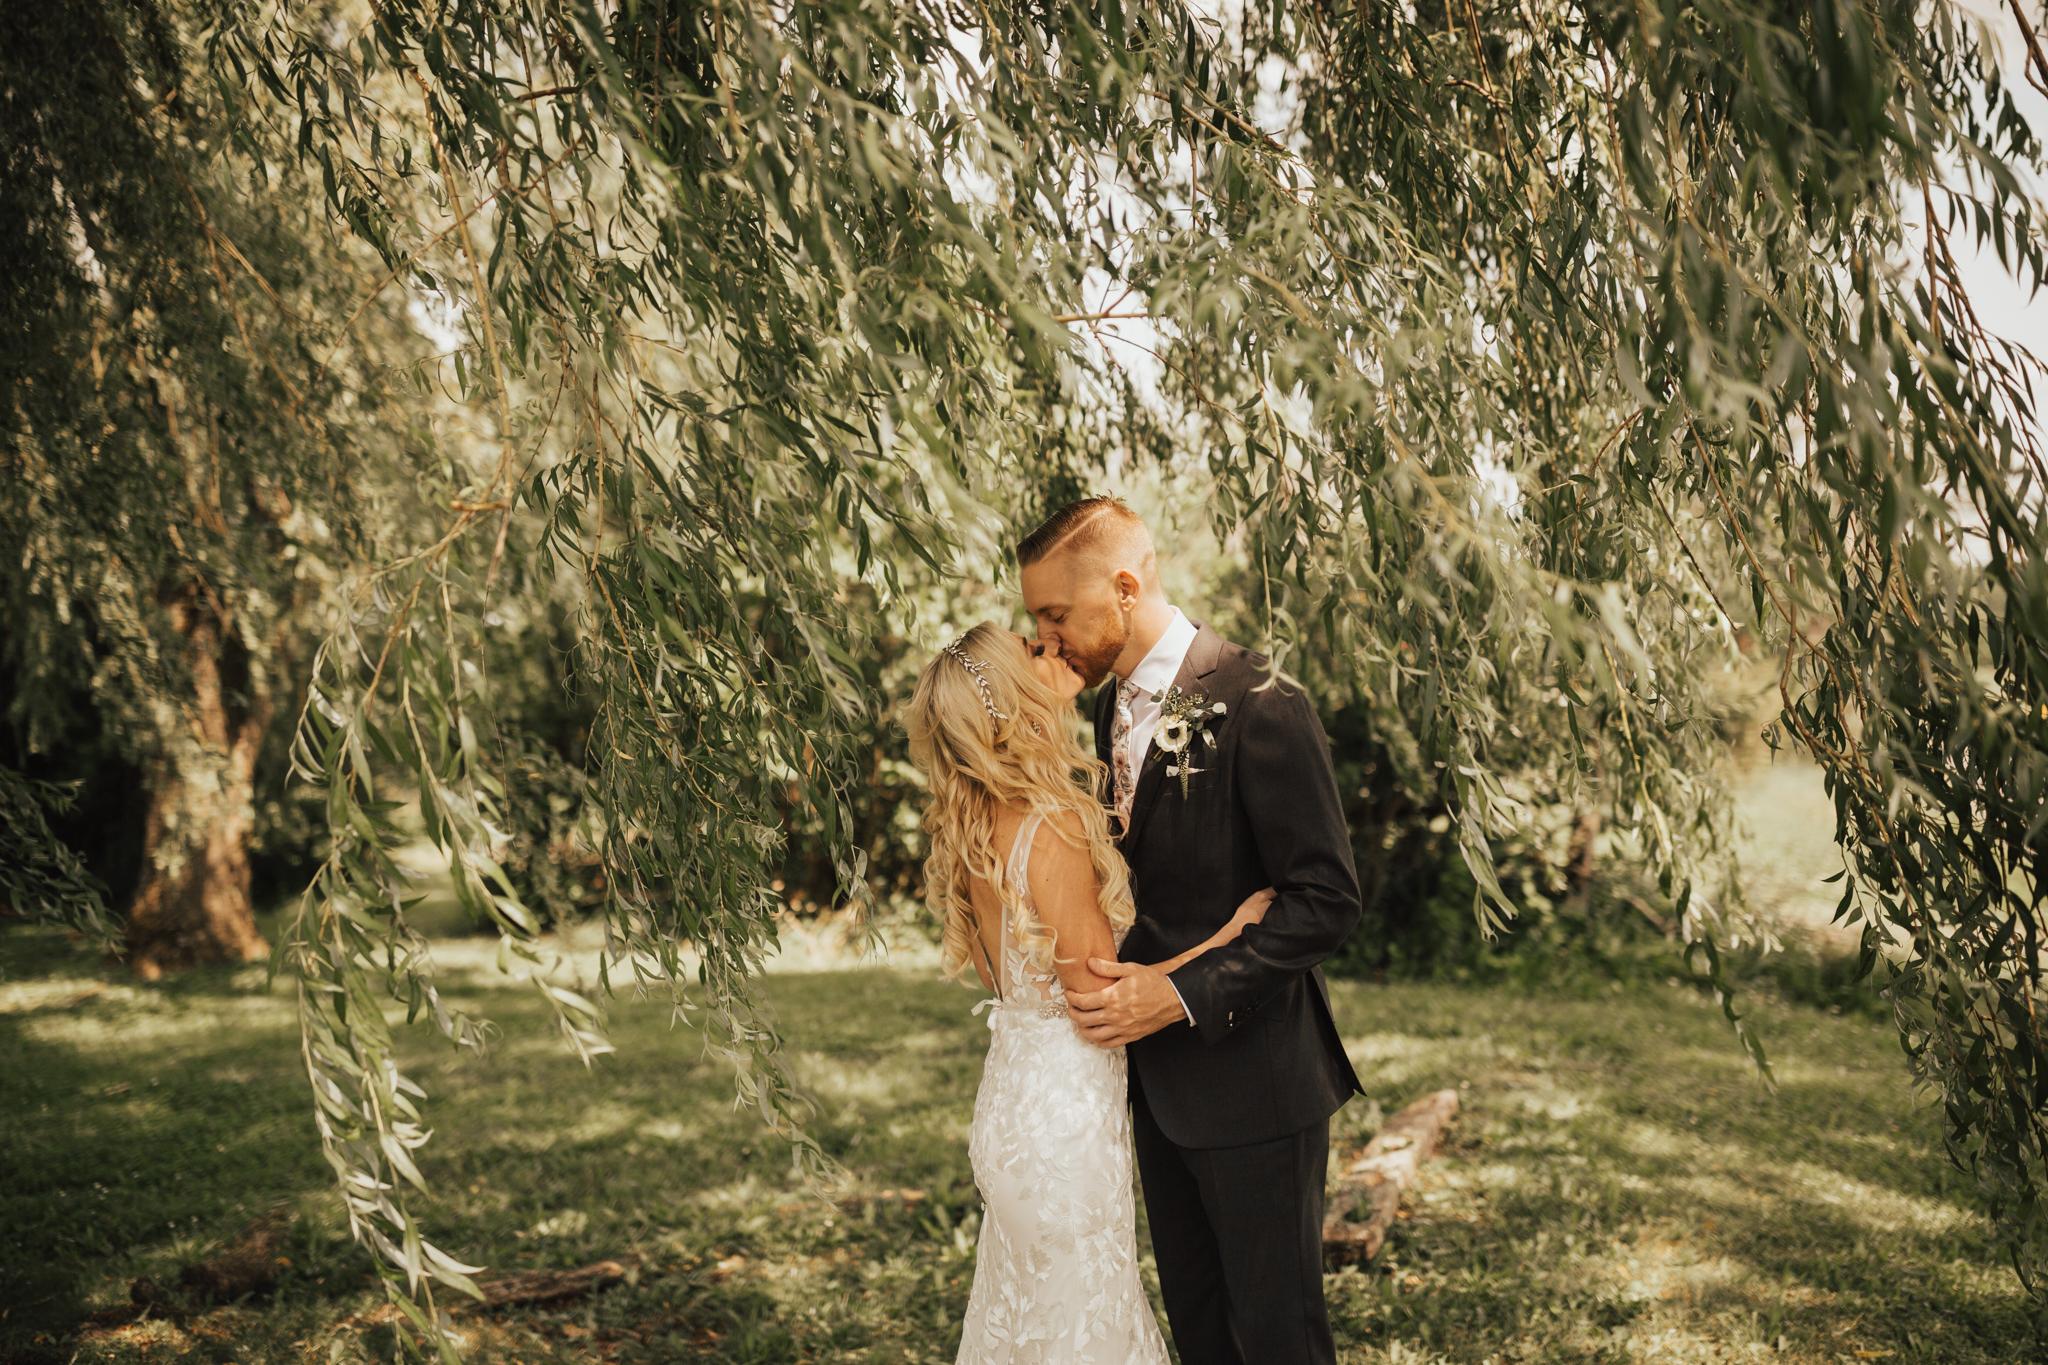 audreys_farmhouse_wedding-57.jpg